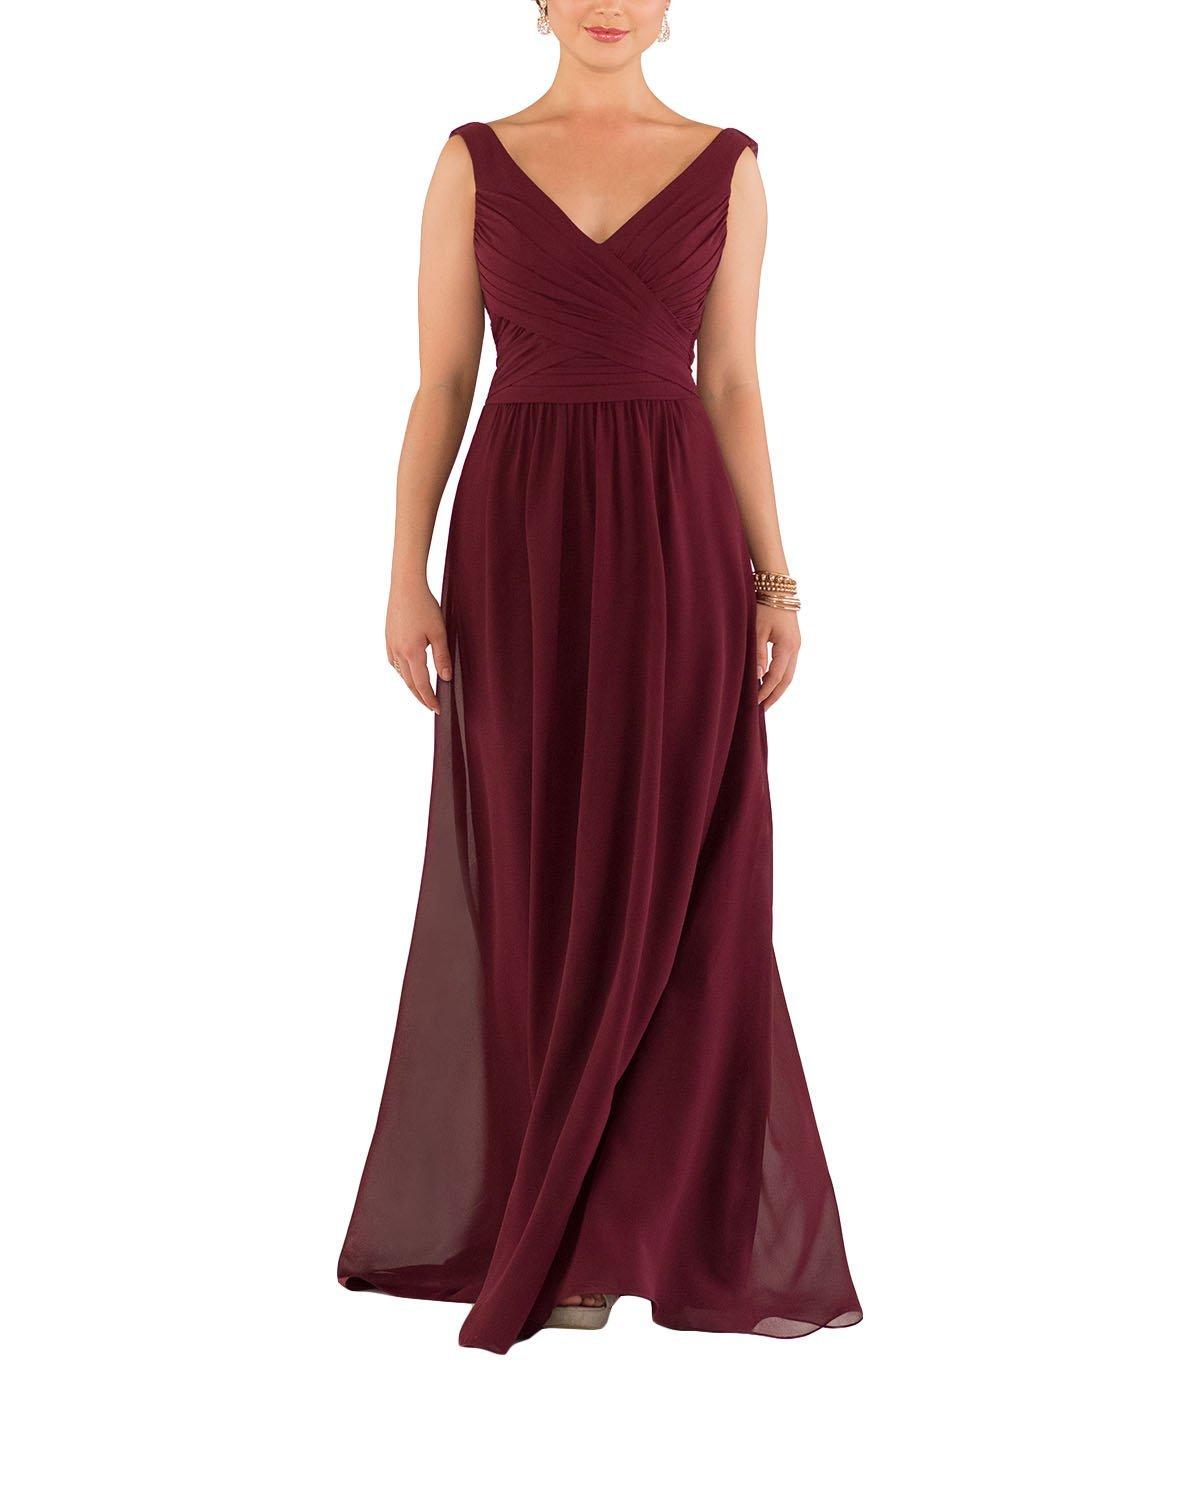 Sorella vita style current fashion trends stella york and